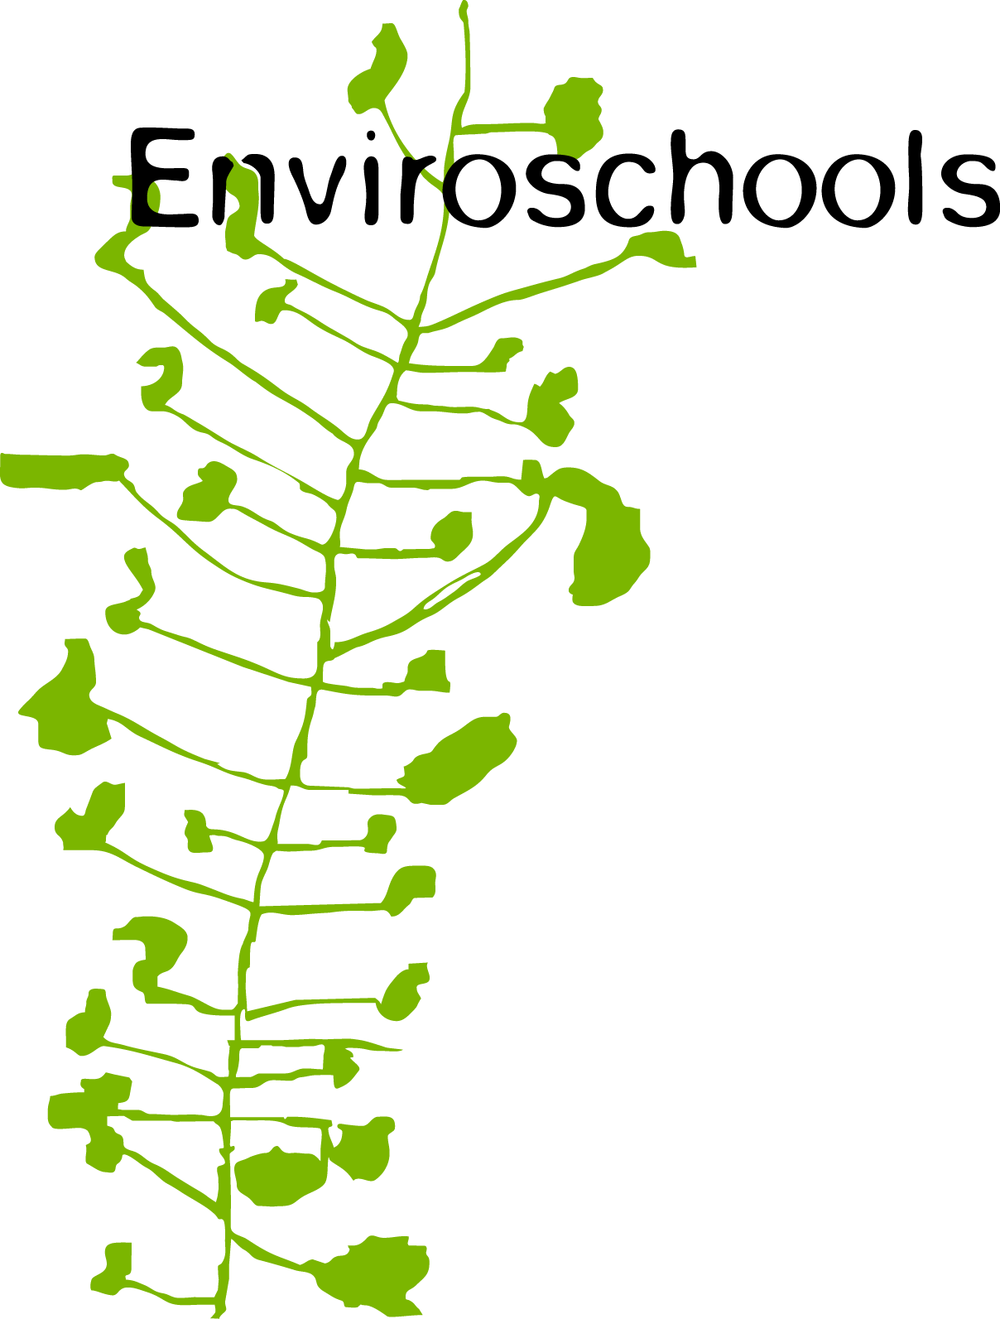 enviroschools logo.png